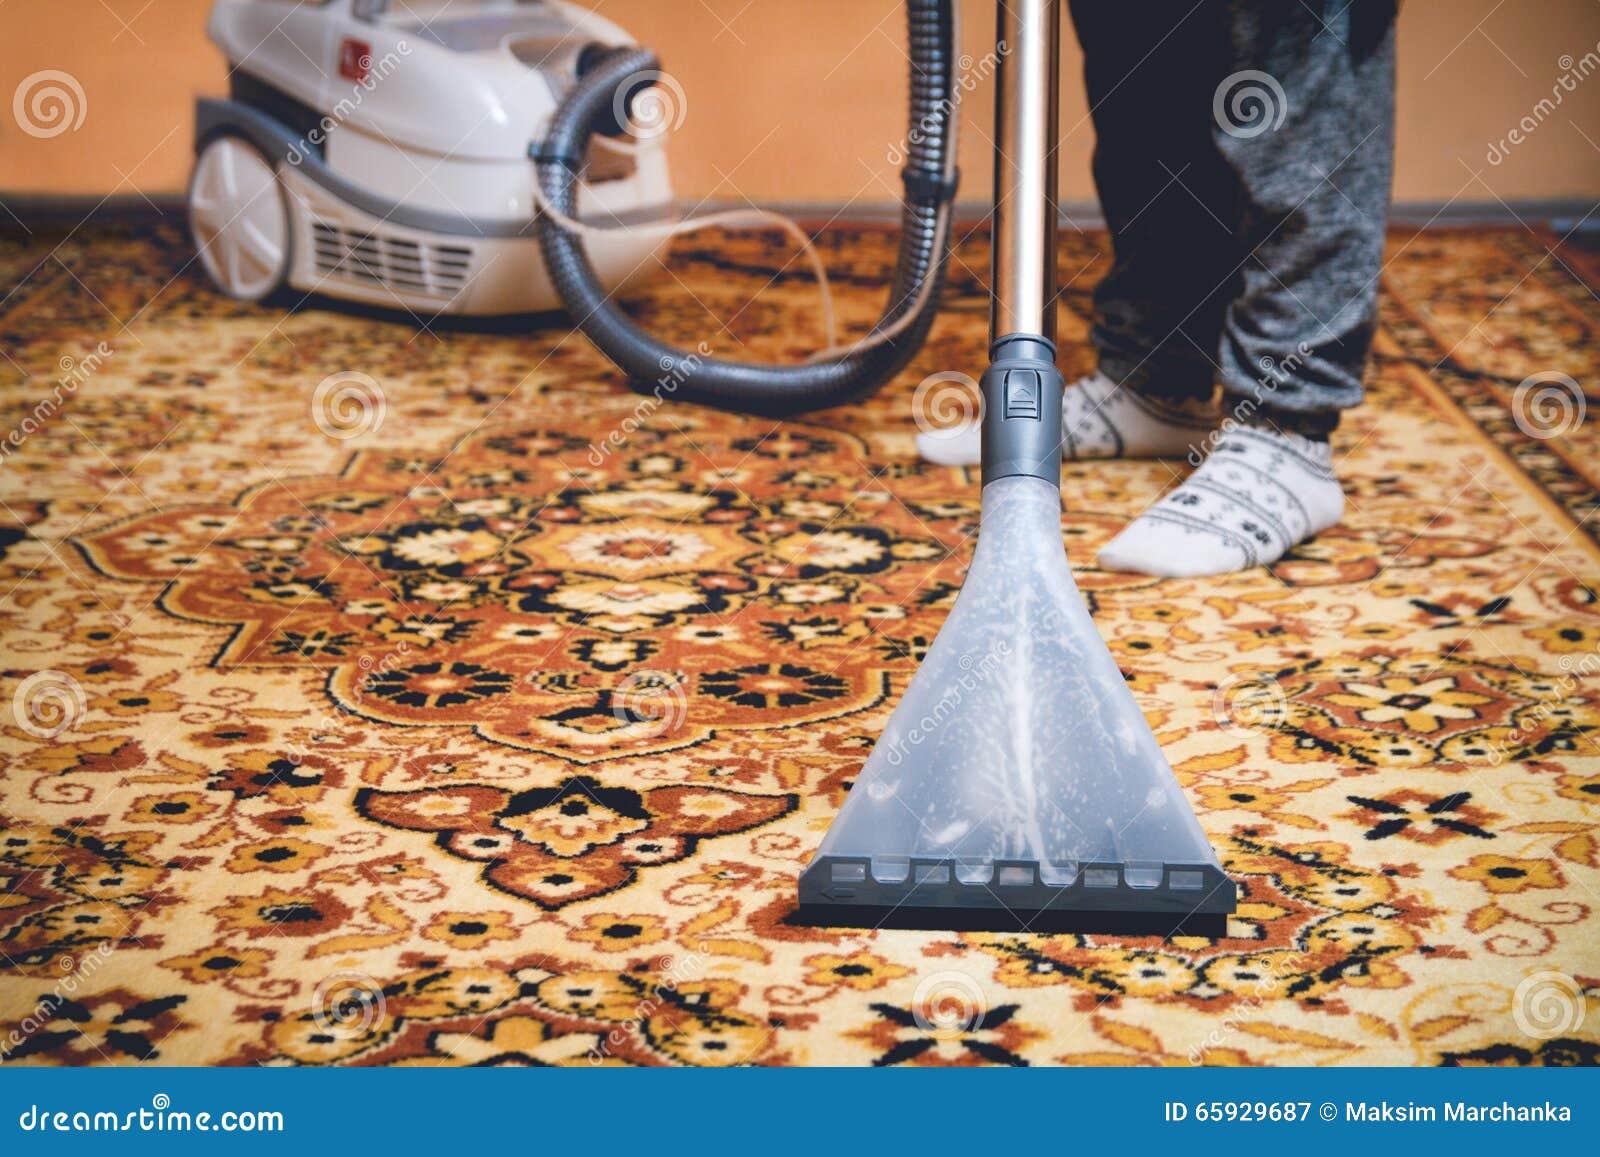 Perzisch Tapijt Schoonmaken : Schoonmakend perzisch tapijt stock afbeelding afbeelding